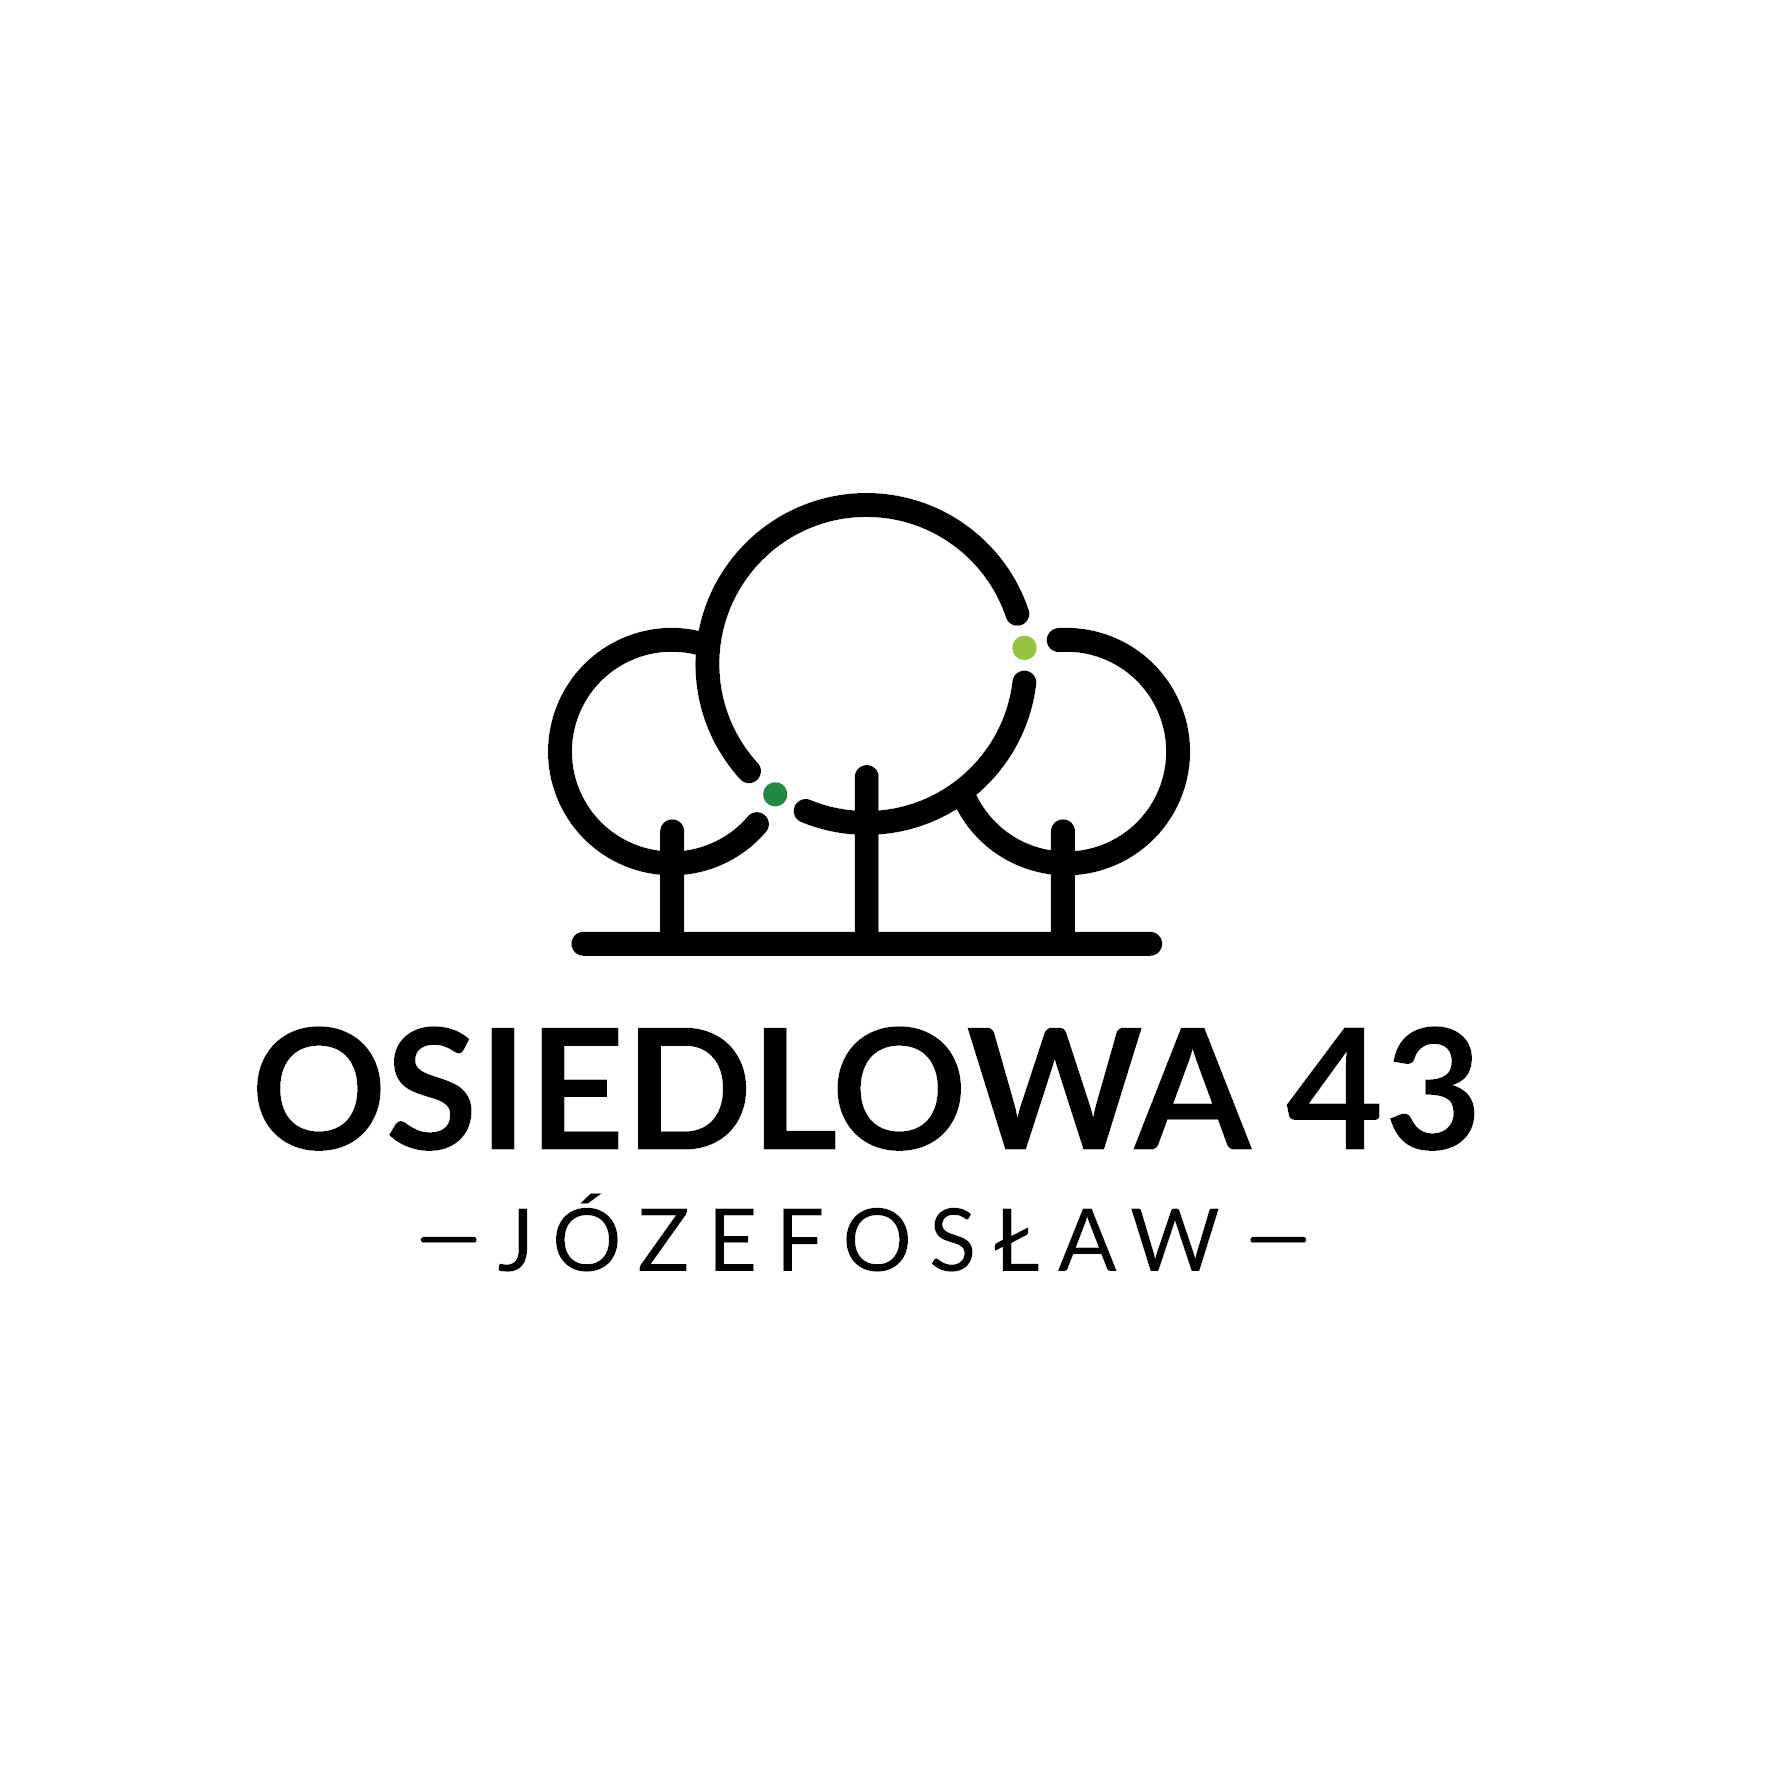 Szeregowce pod Warszawą - Osiedlowa 43